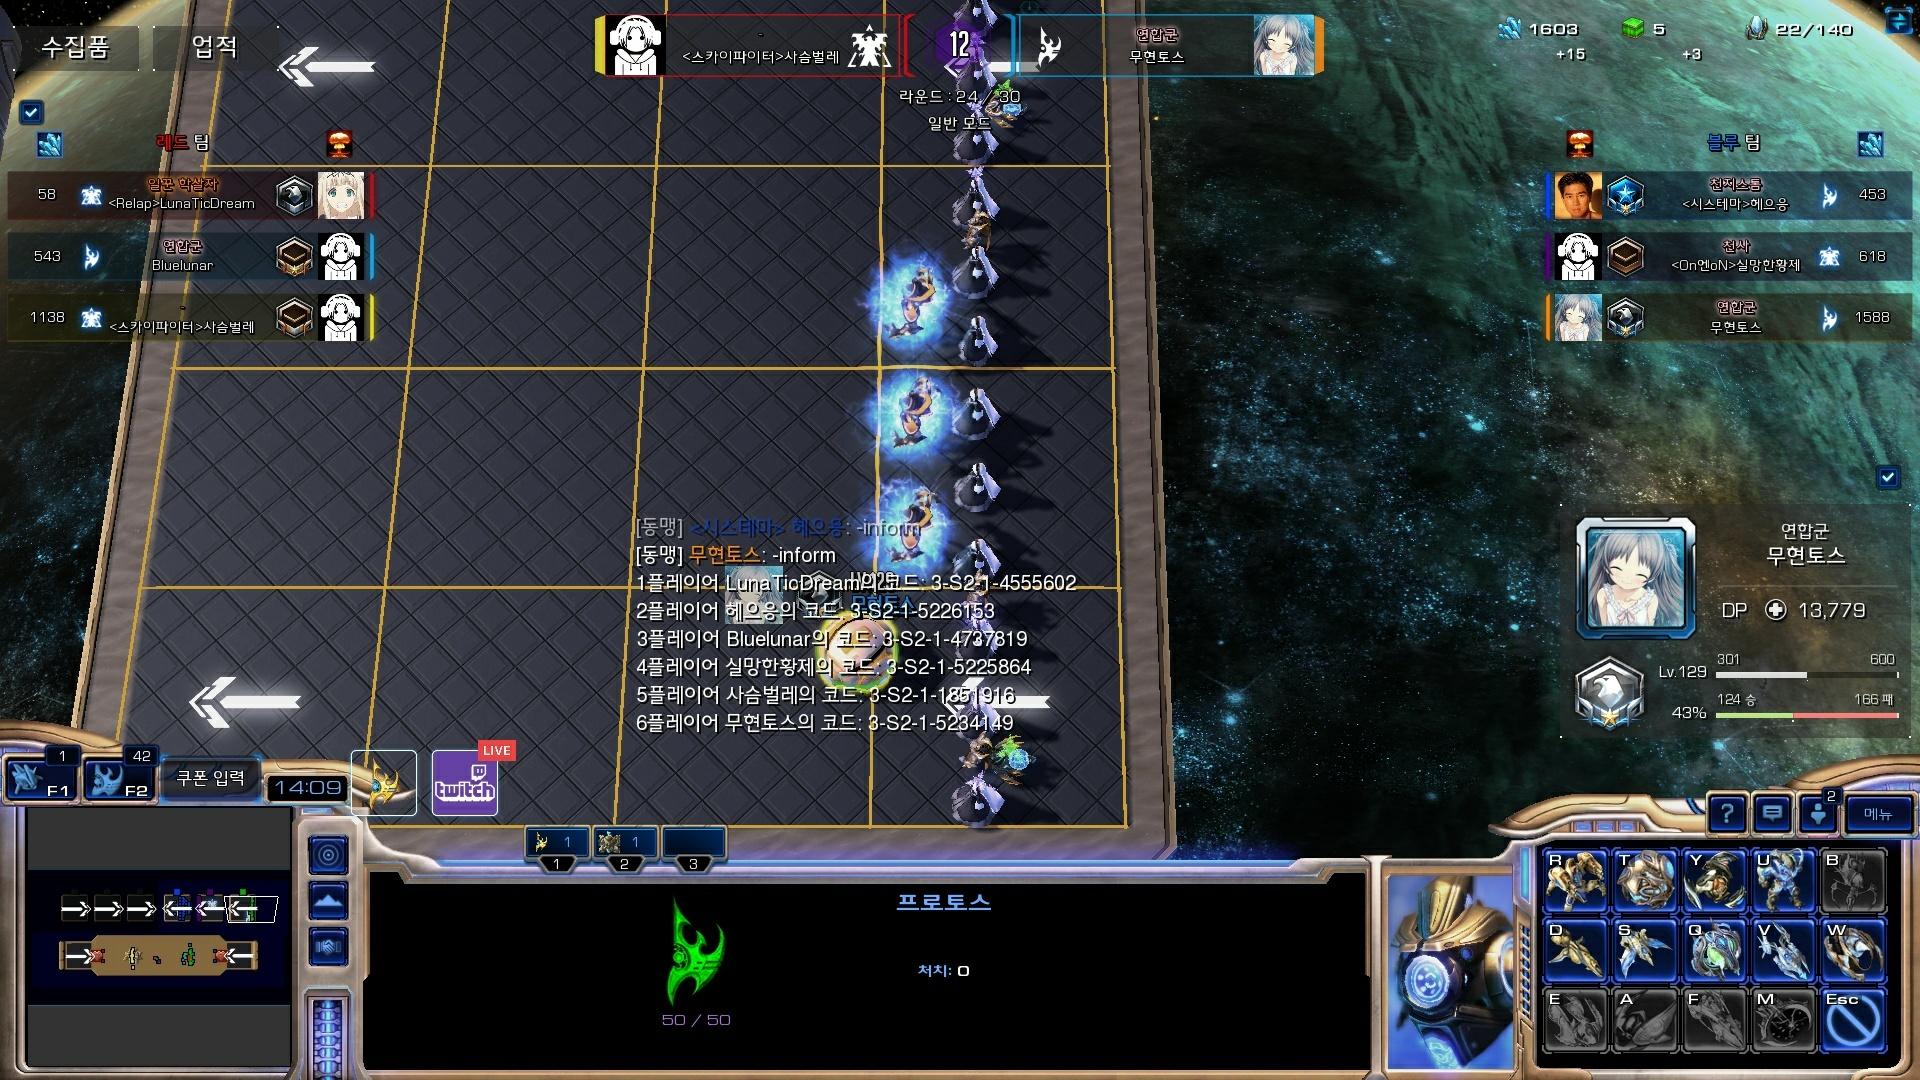 Screenshot2021-04-18 05_18_21.jpg